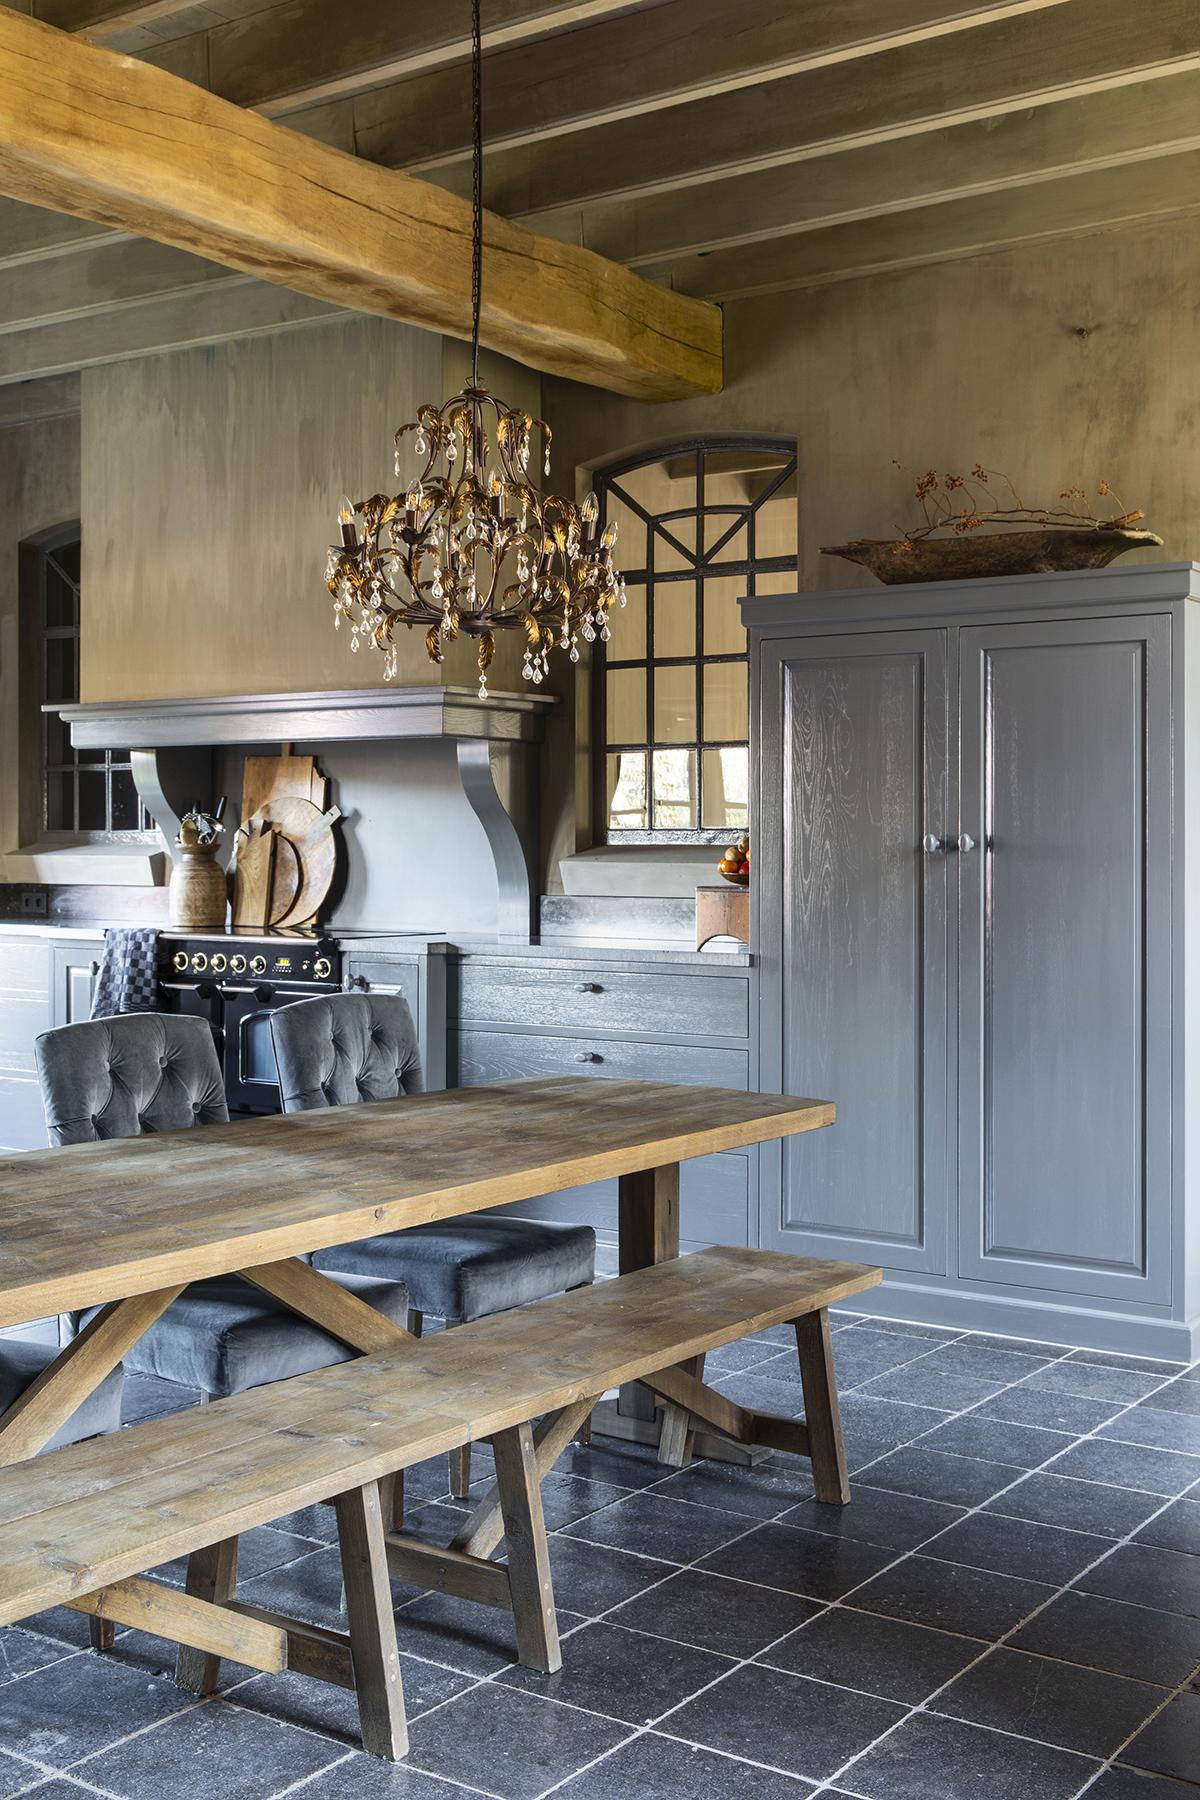 herfst liesbeth eetkamer keuken kast